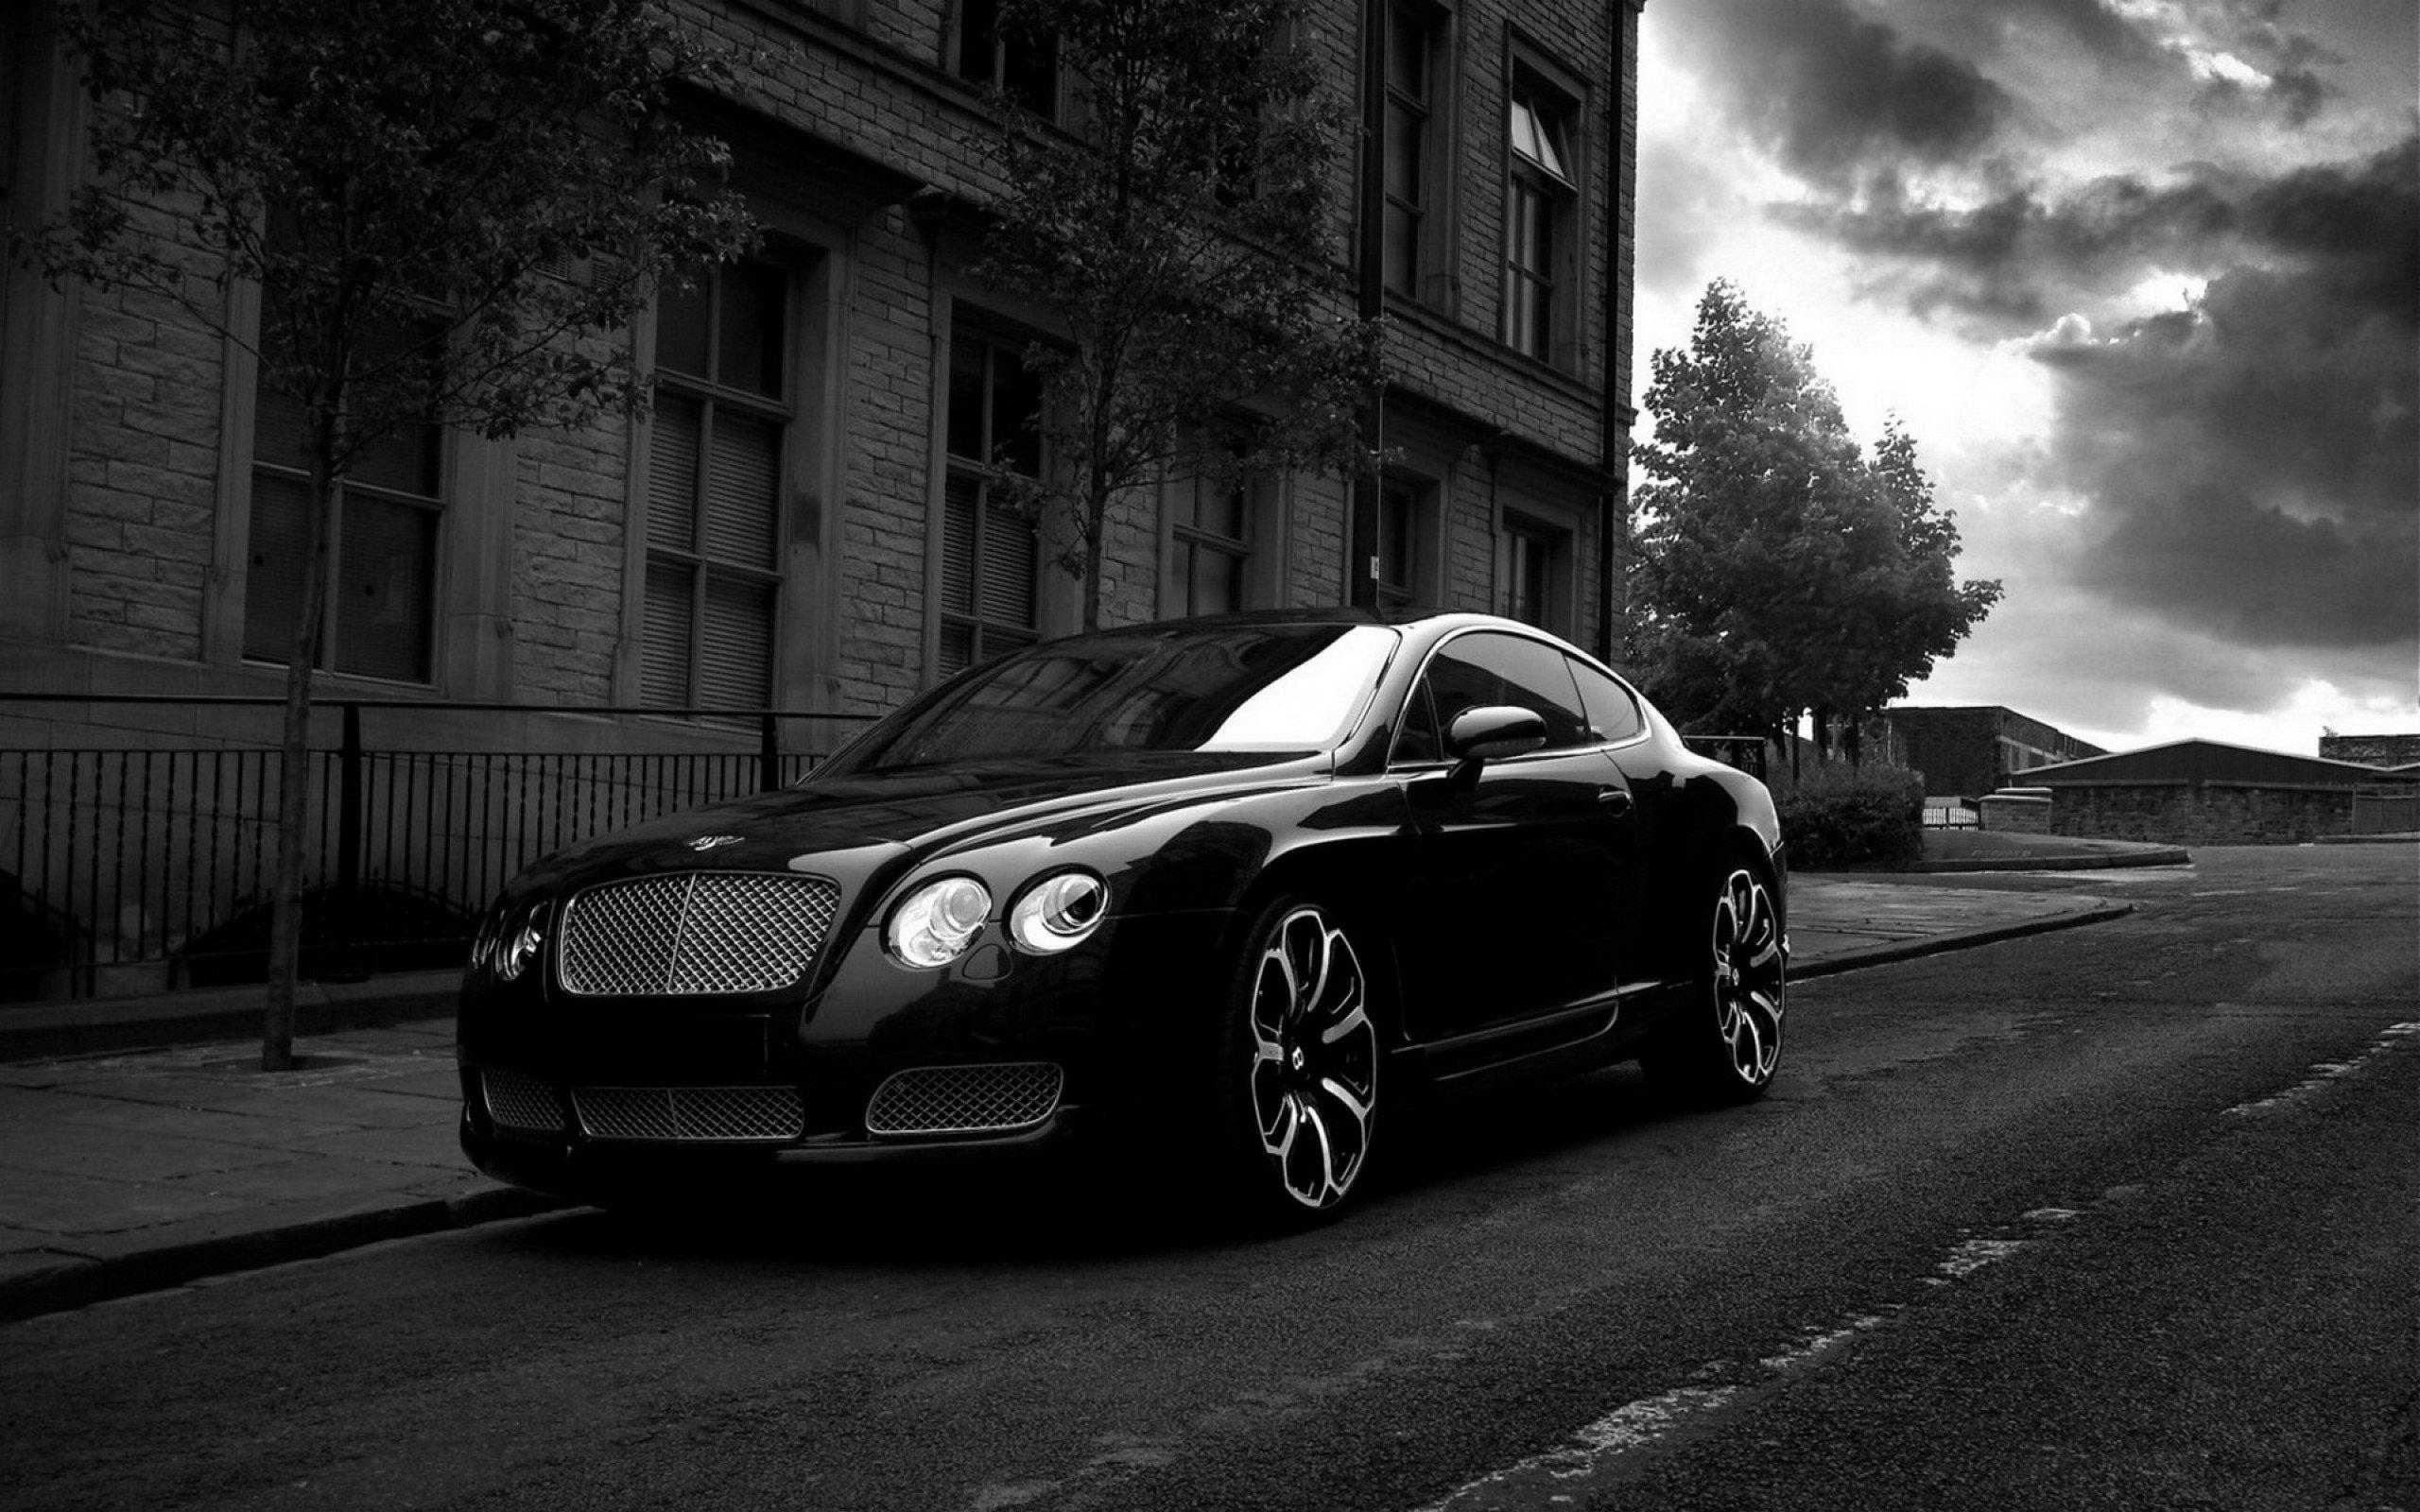 черный автомобиль simon brook black car бесплатно